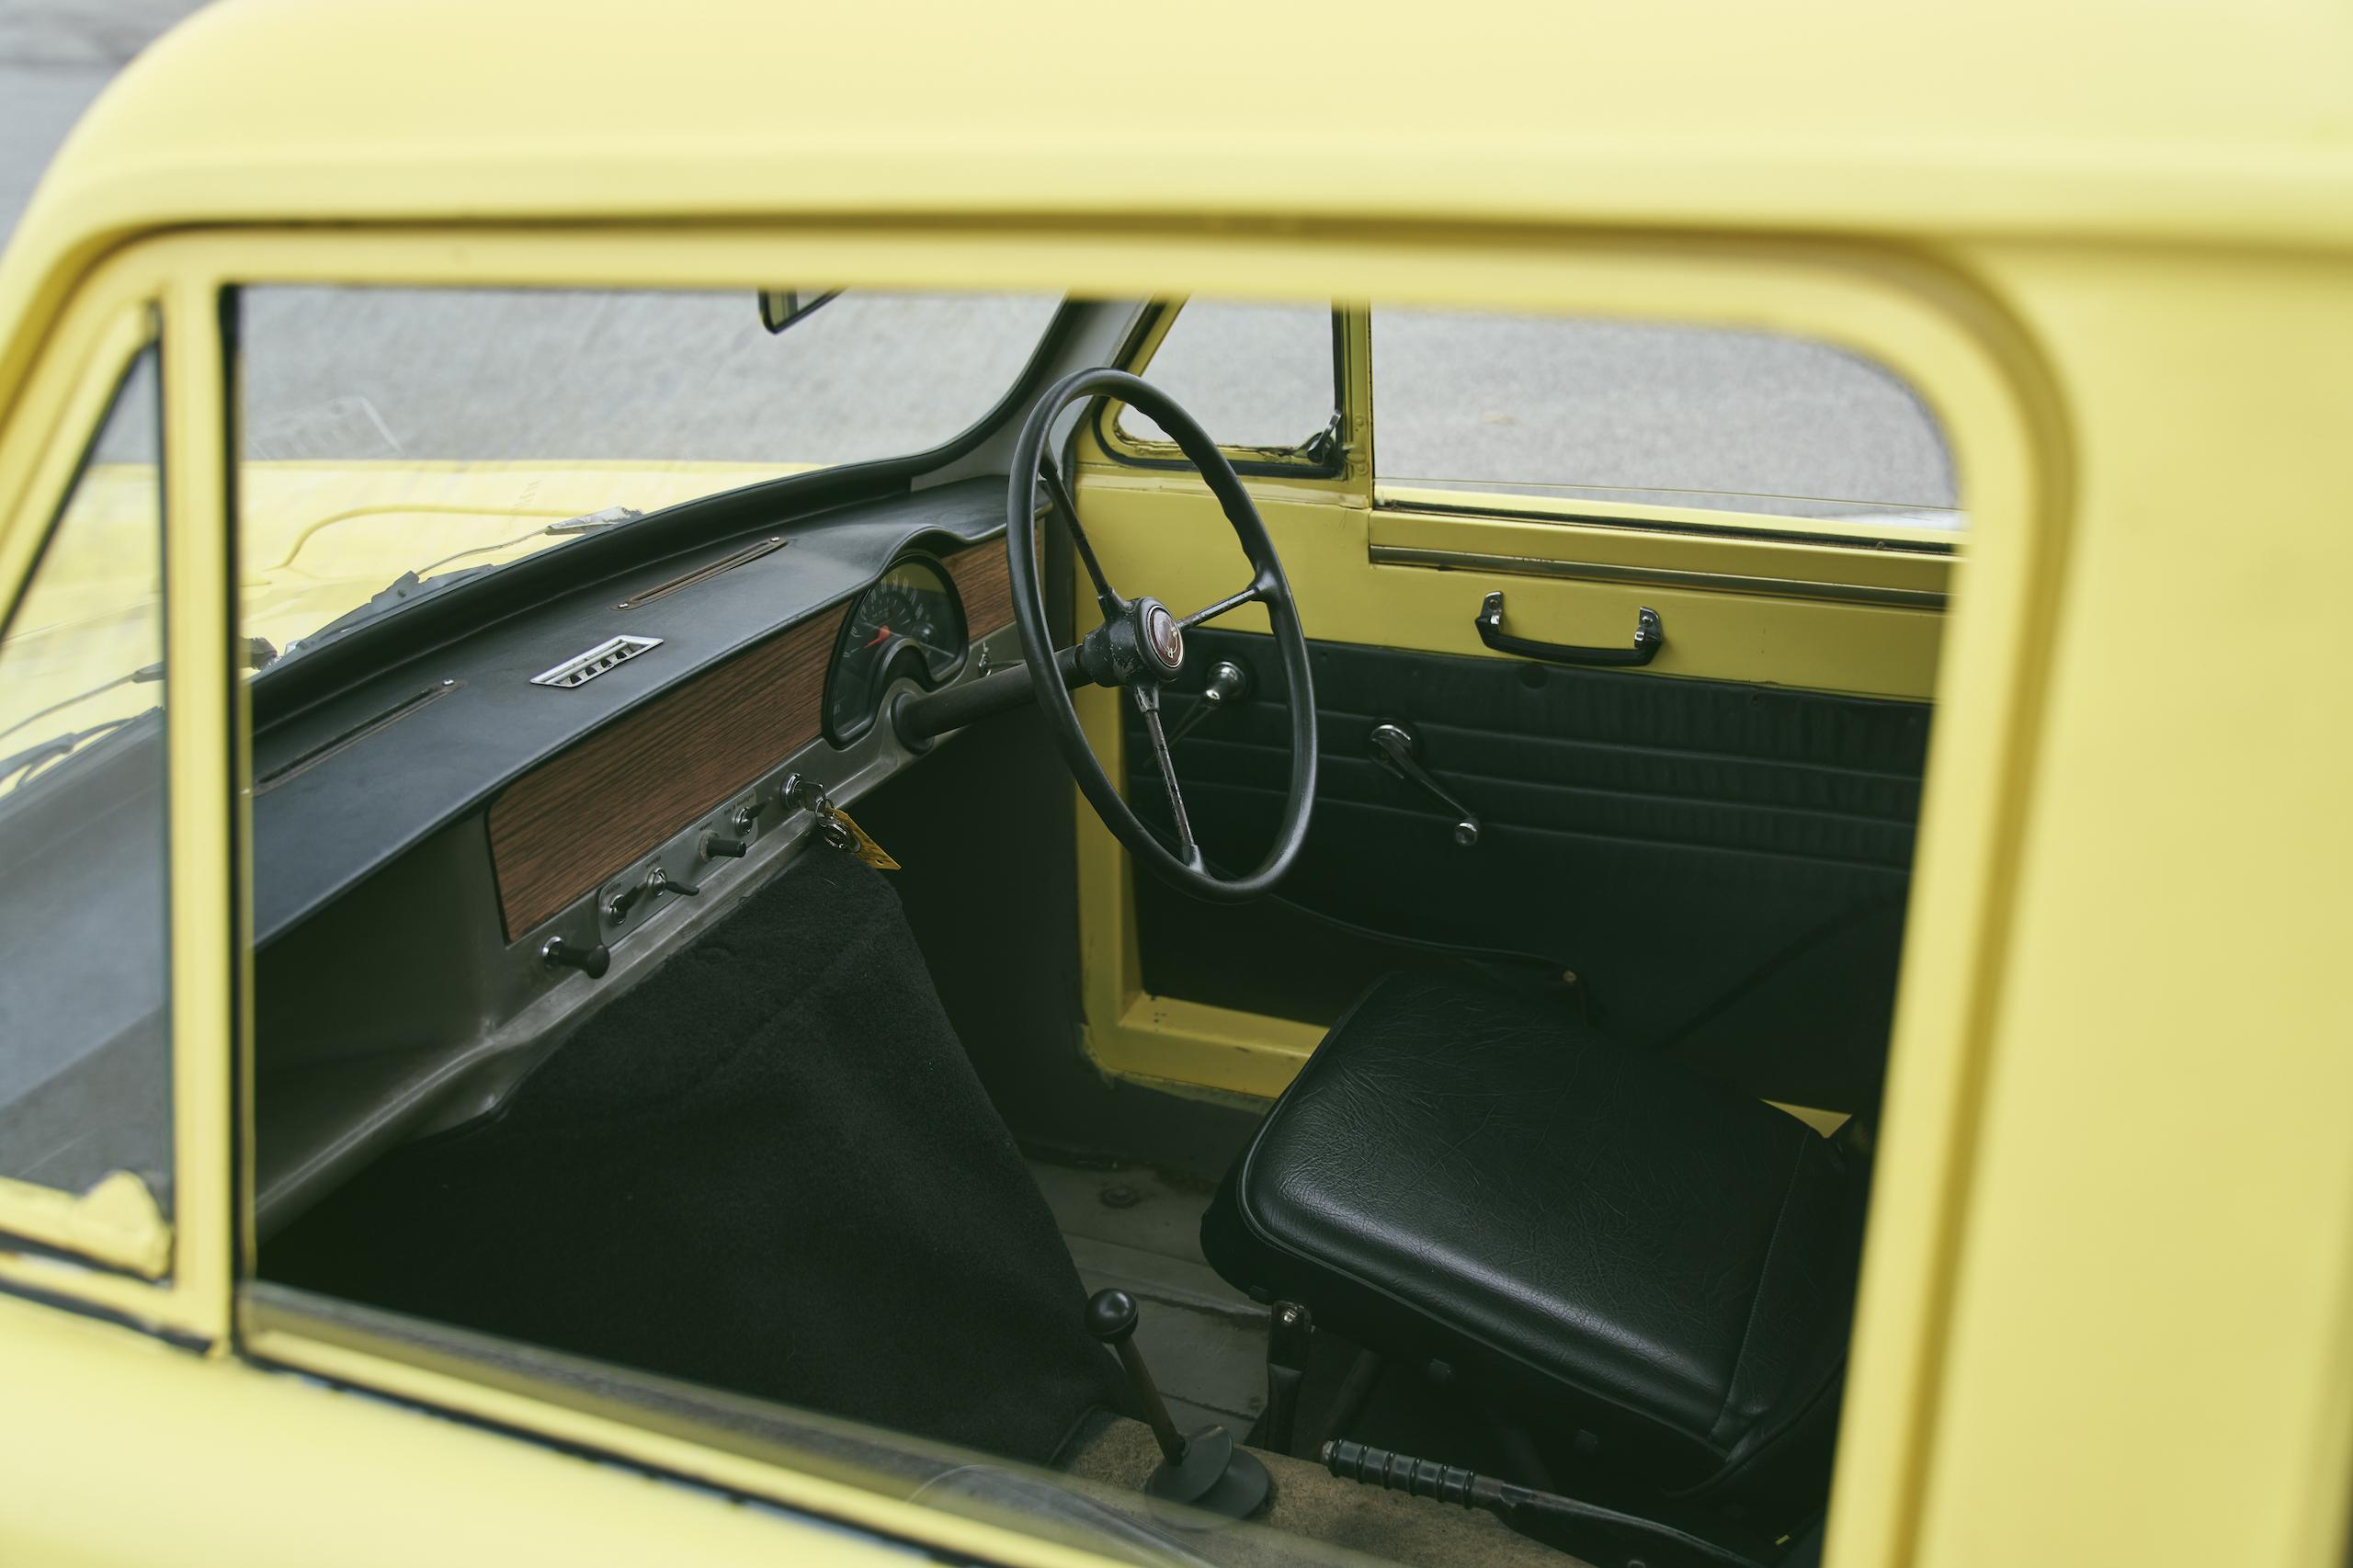 1971 Reliant Regal 330 interior